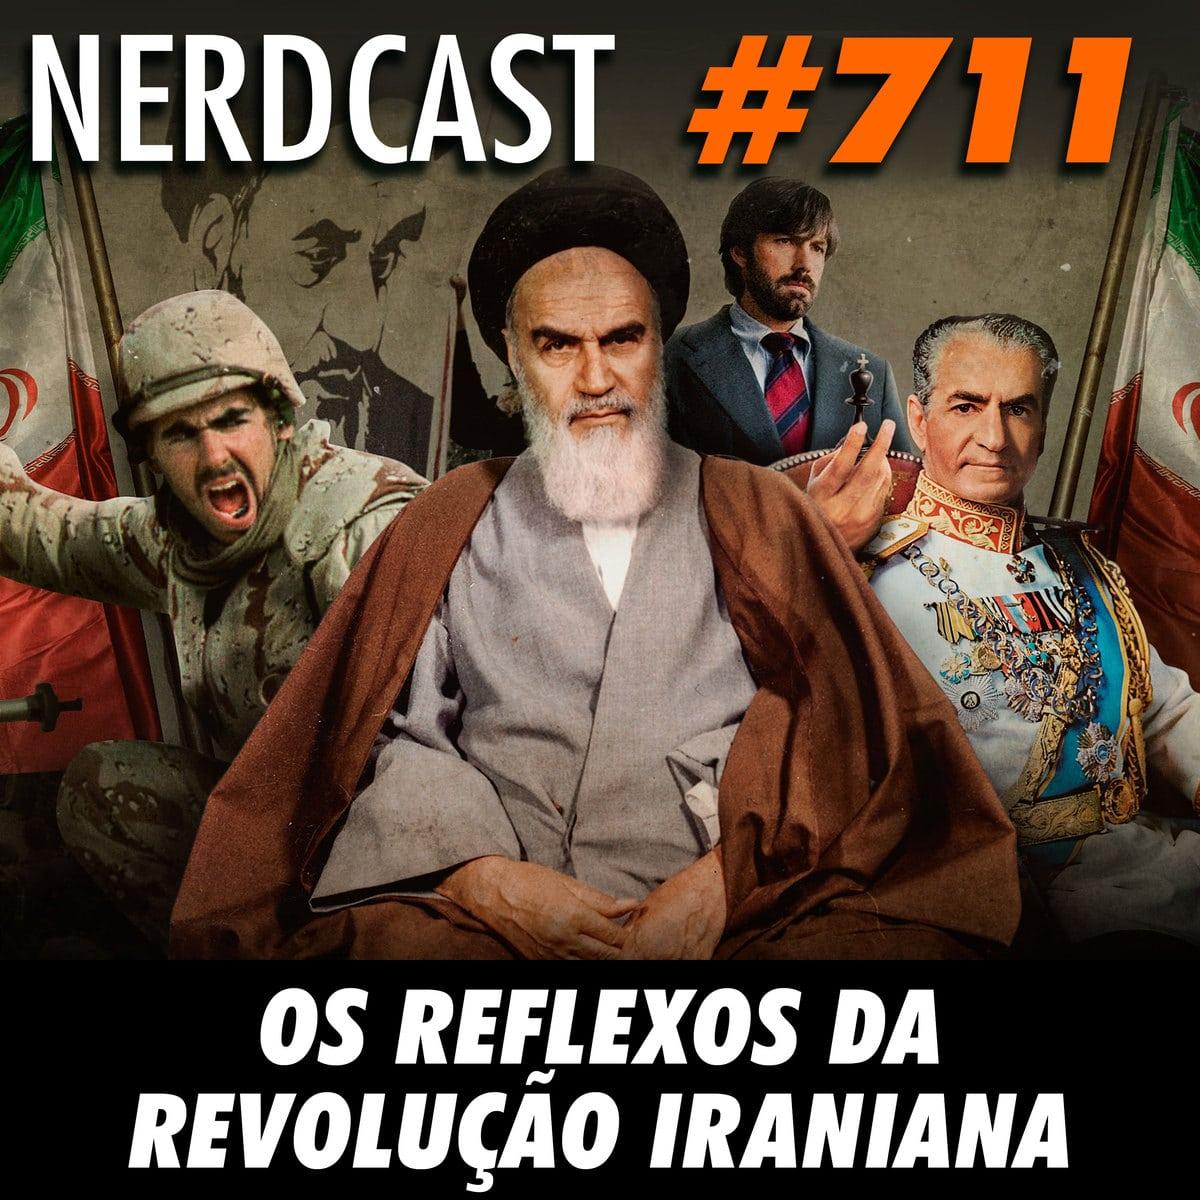 NerdCast 711 - Os Reflexos da Revolução Iraniana